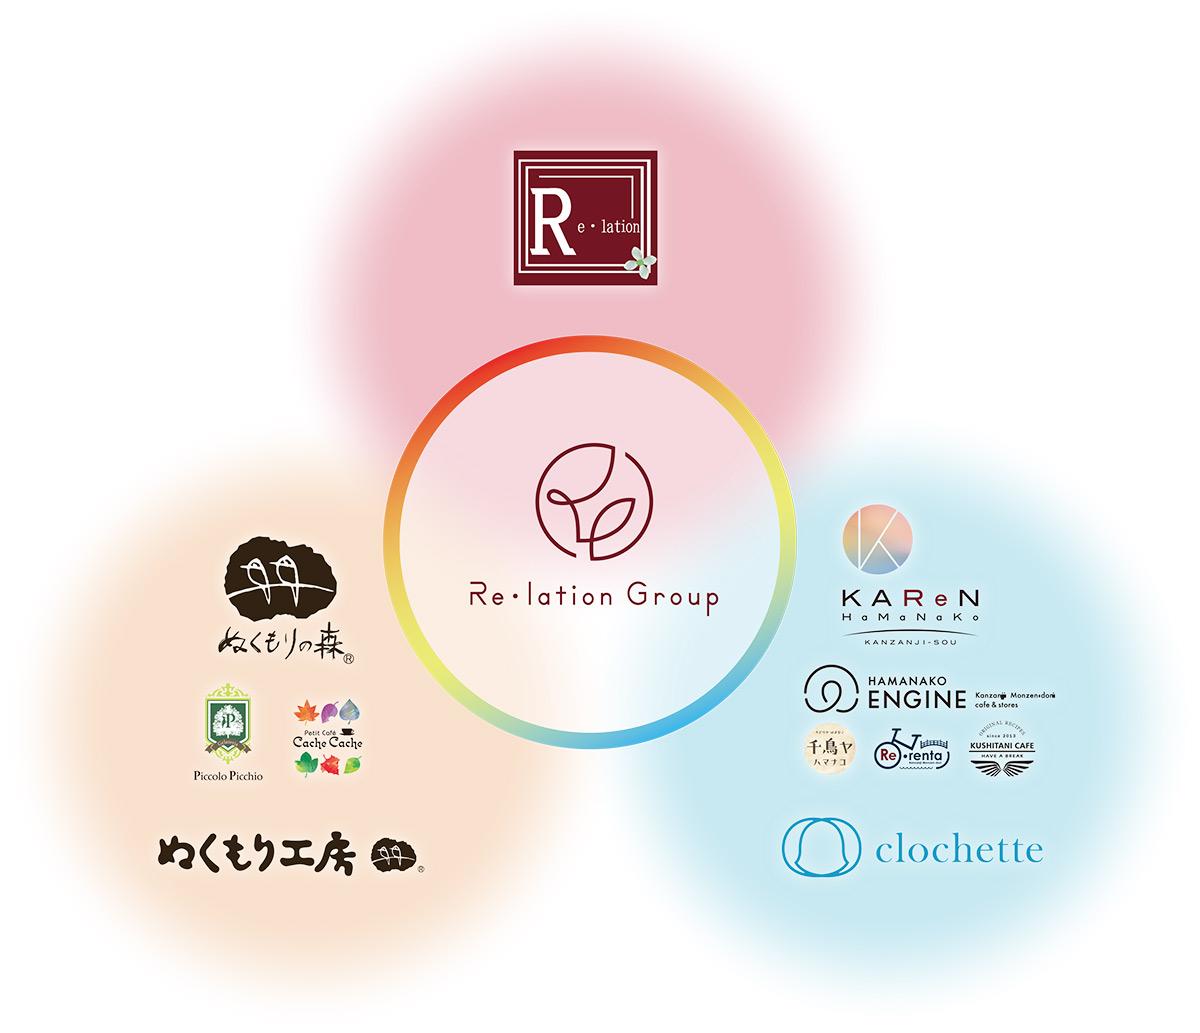 運営会社紹介 KARen HAMANAKO かんざんじ荘